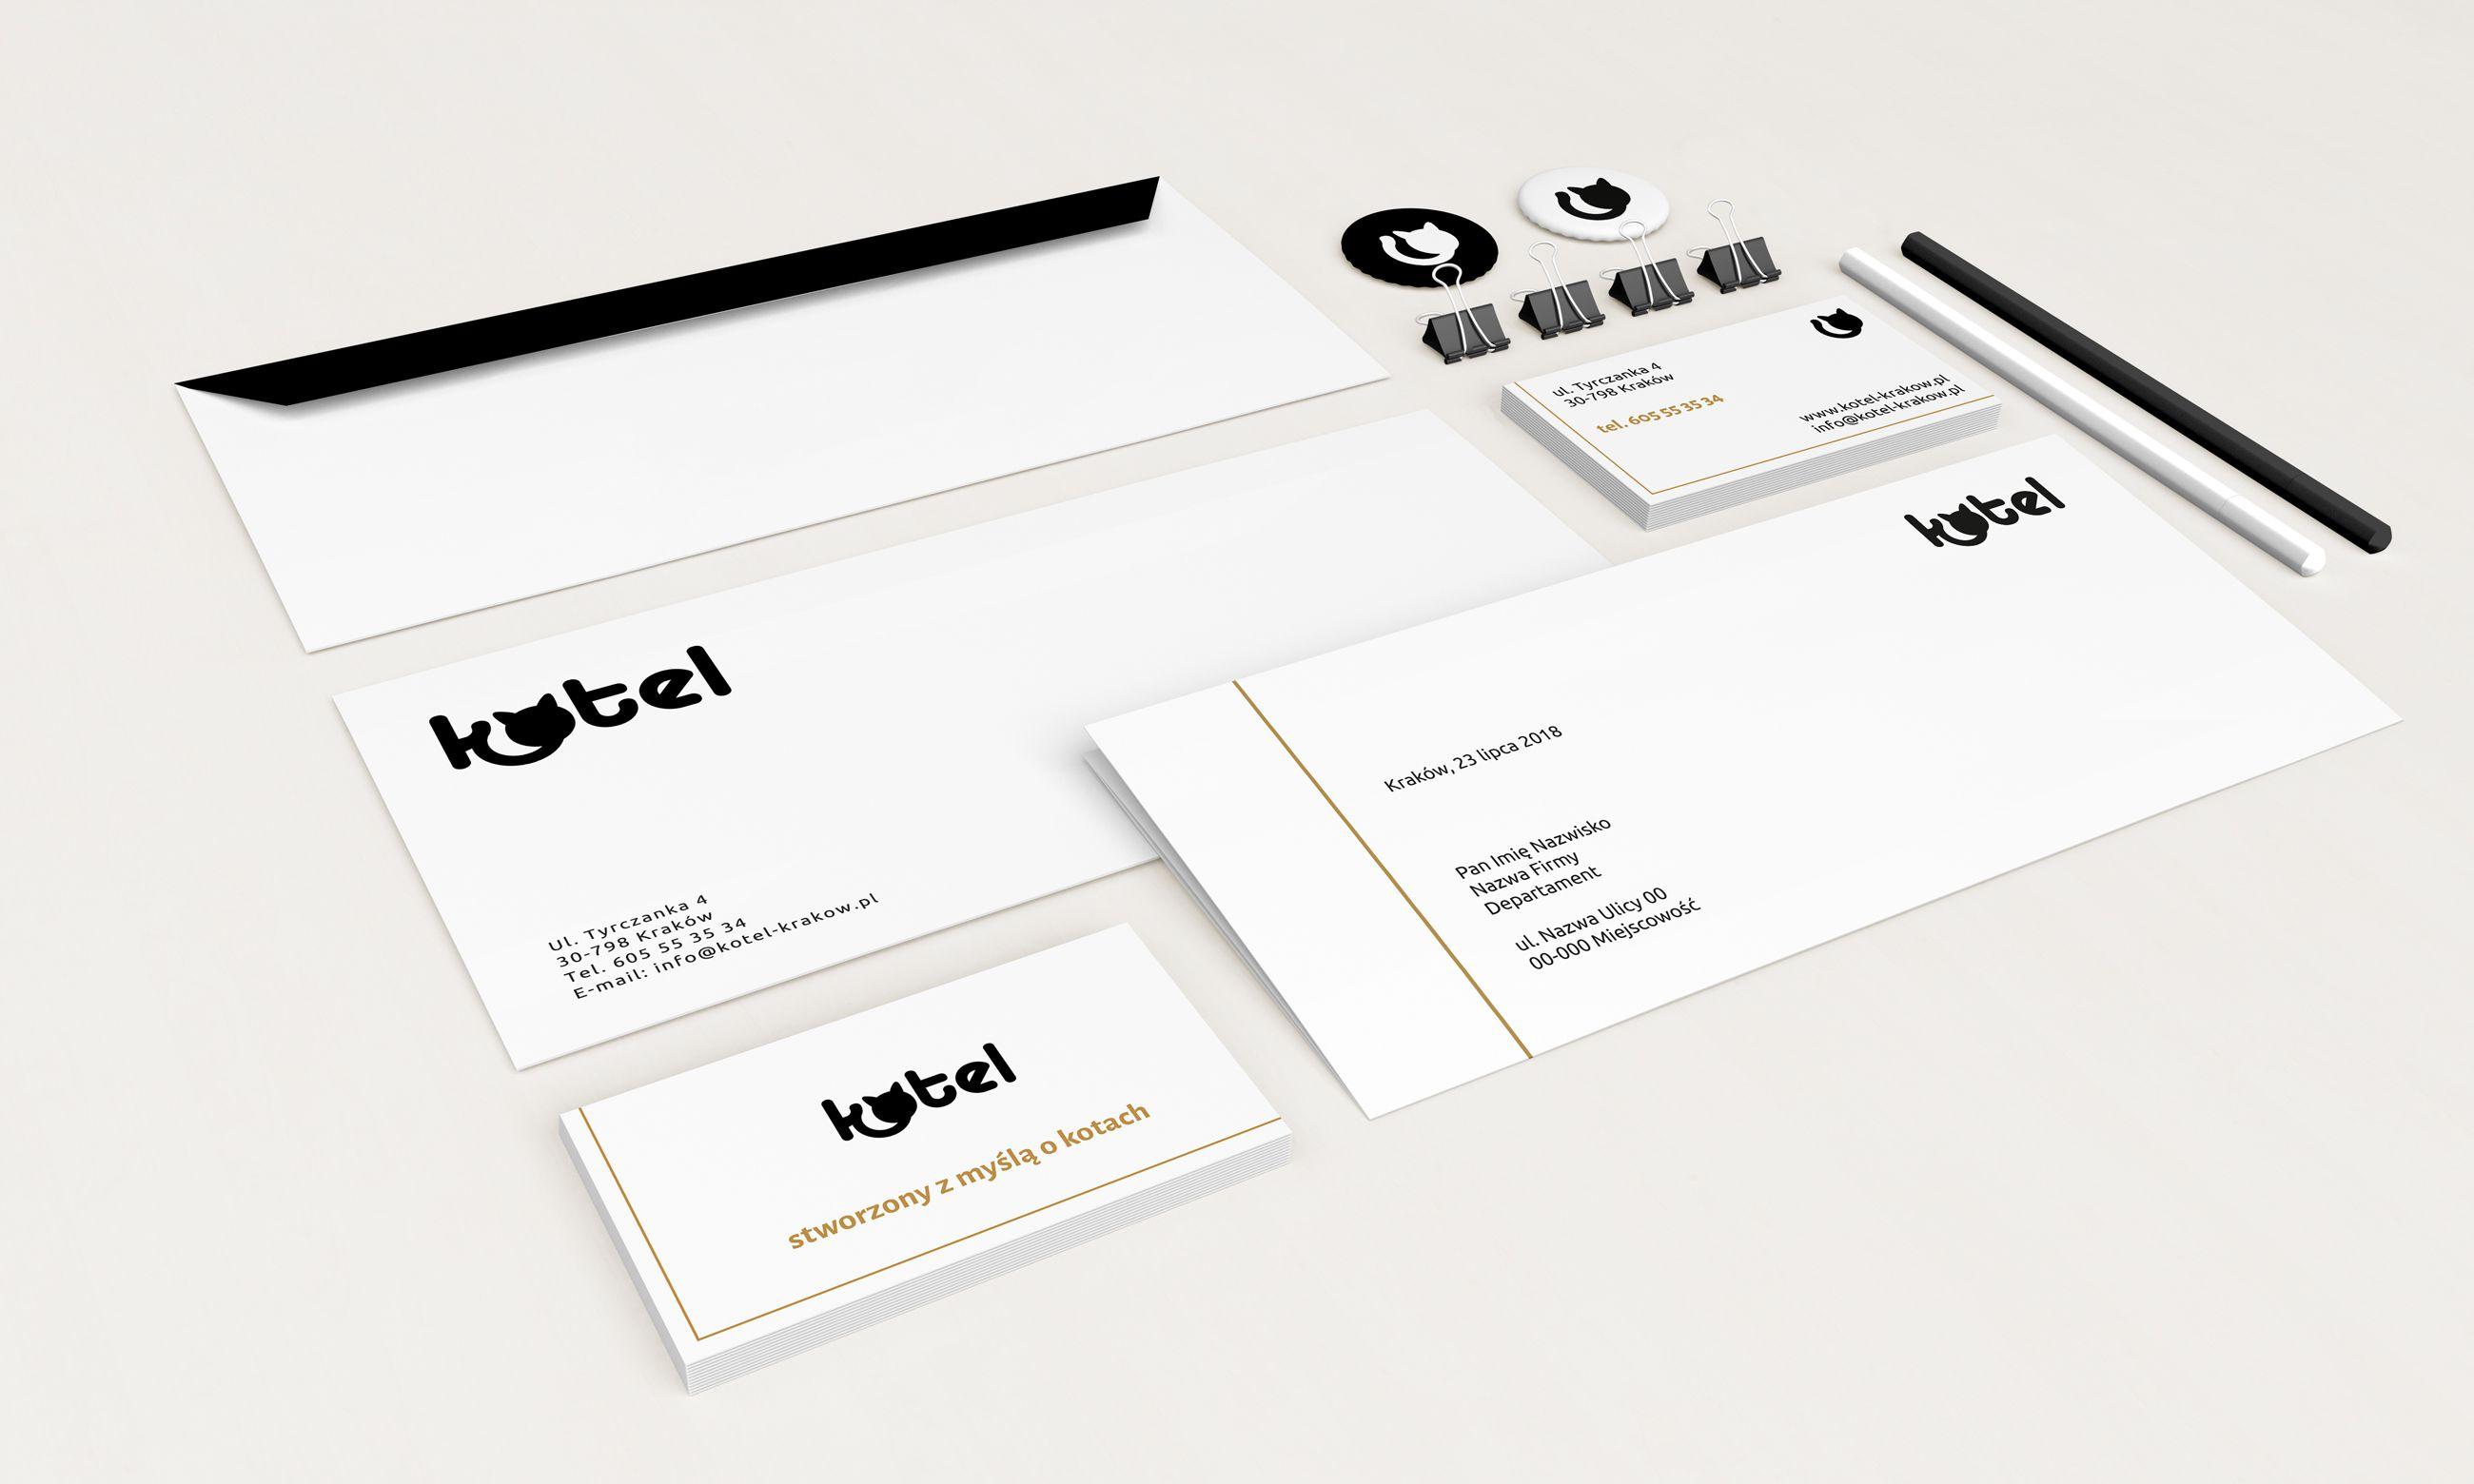 Projekt identyfikacji wizualnej dla Kotel | branding | identyfikacja wizualna